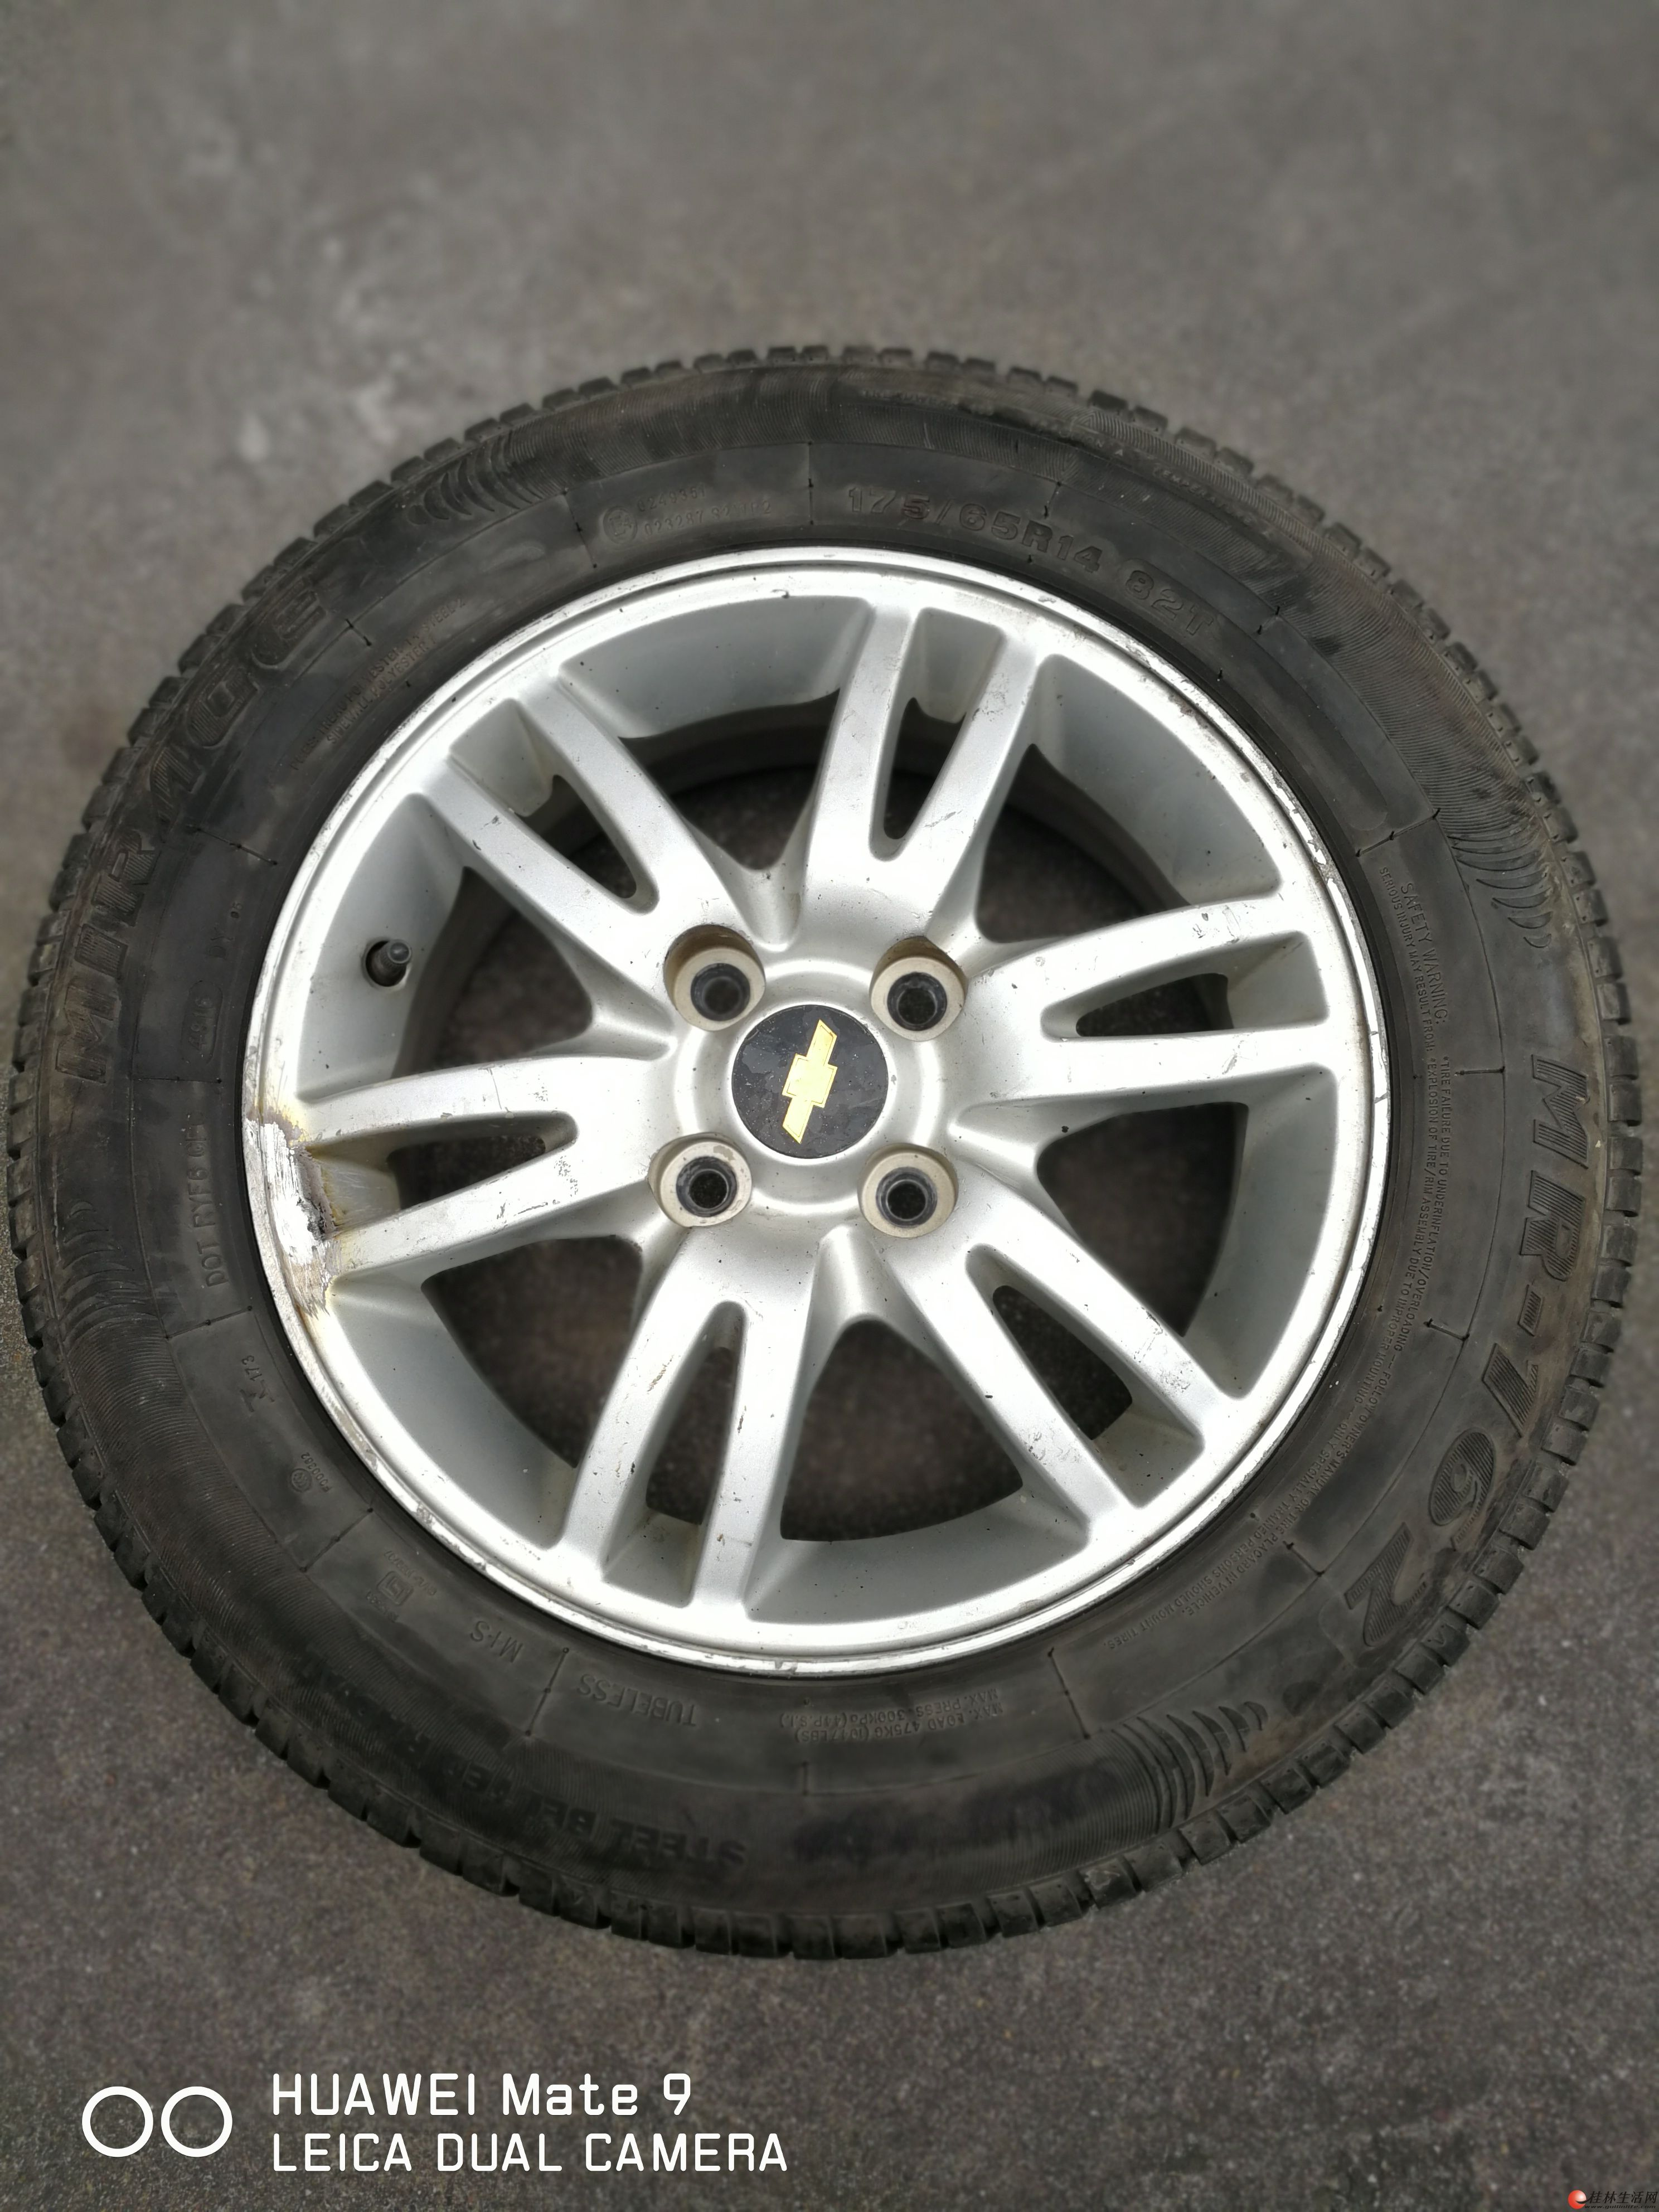 出准新米乐奇175/65R14轮胎一条